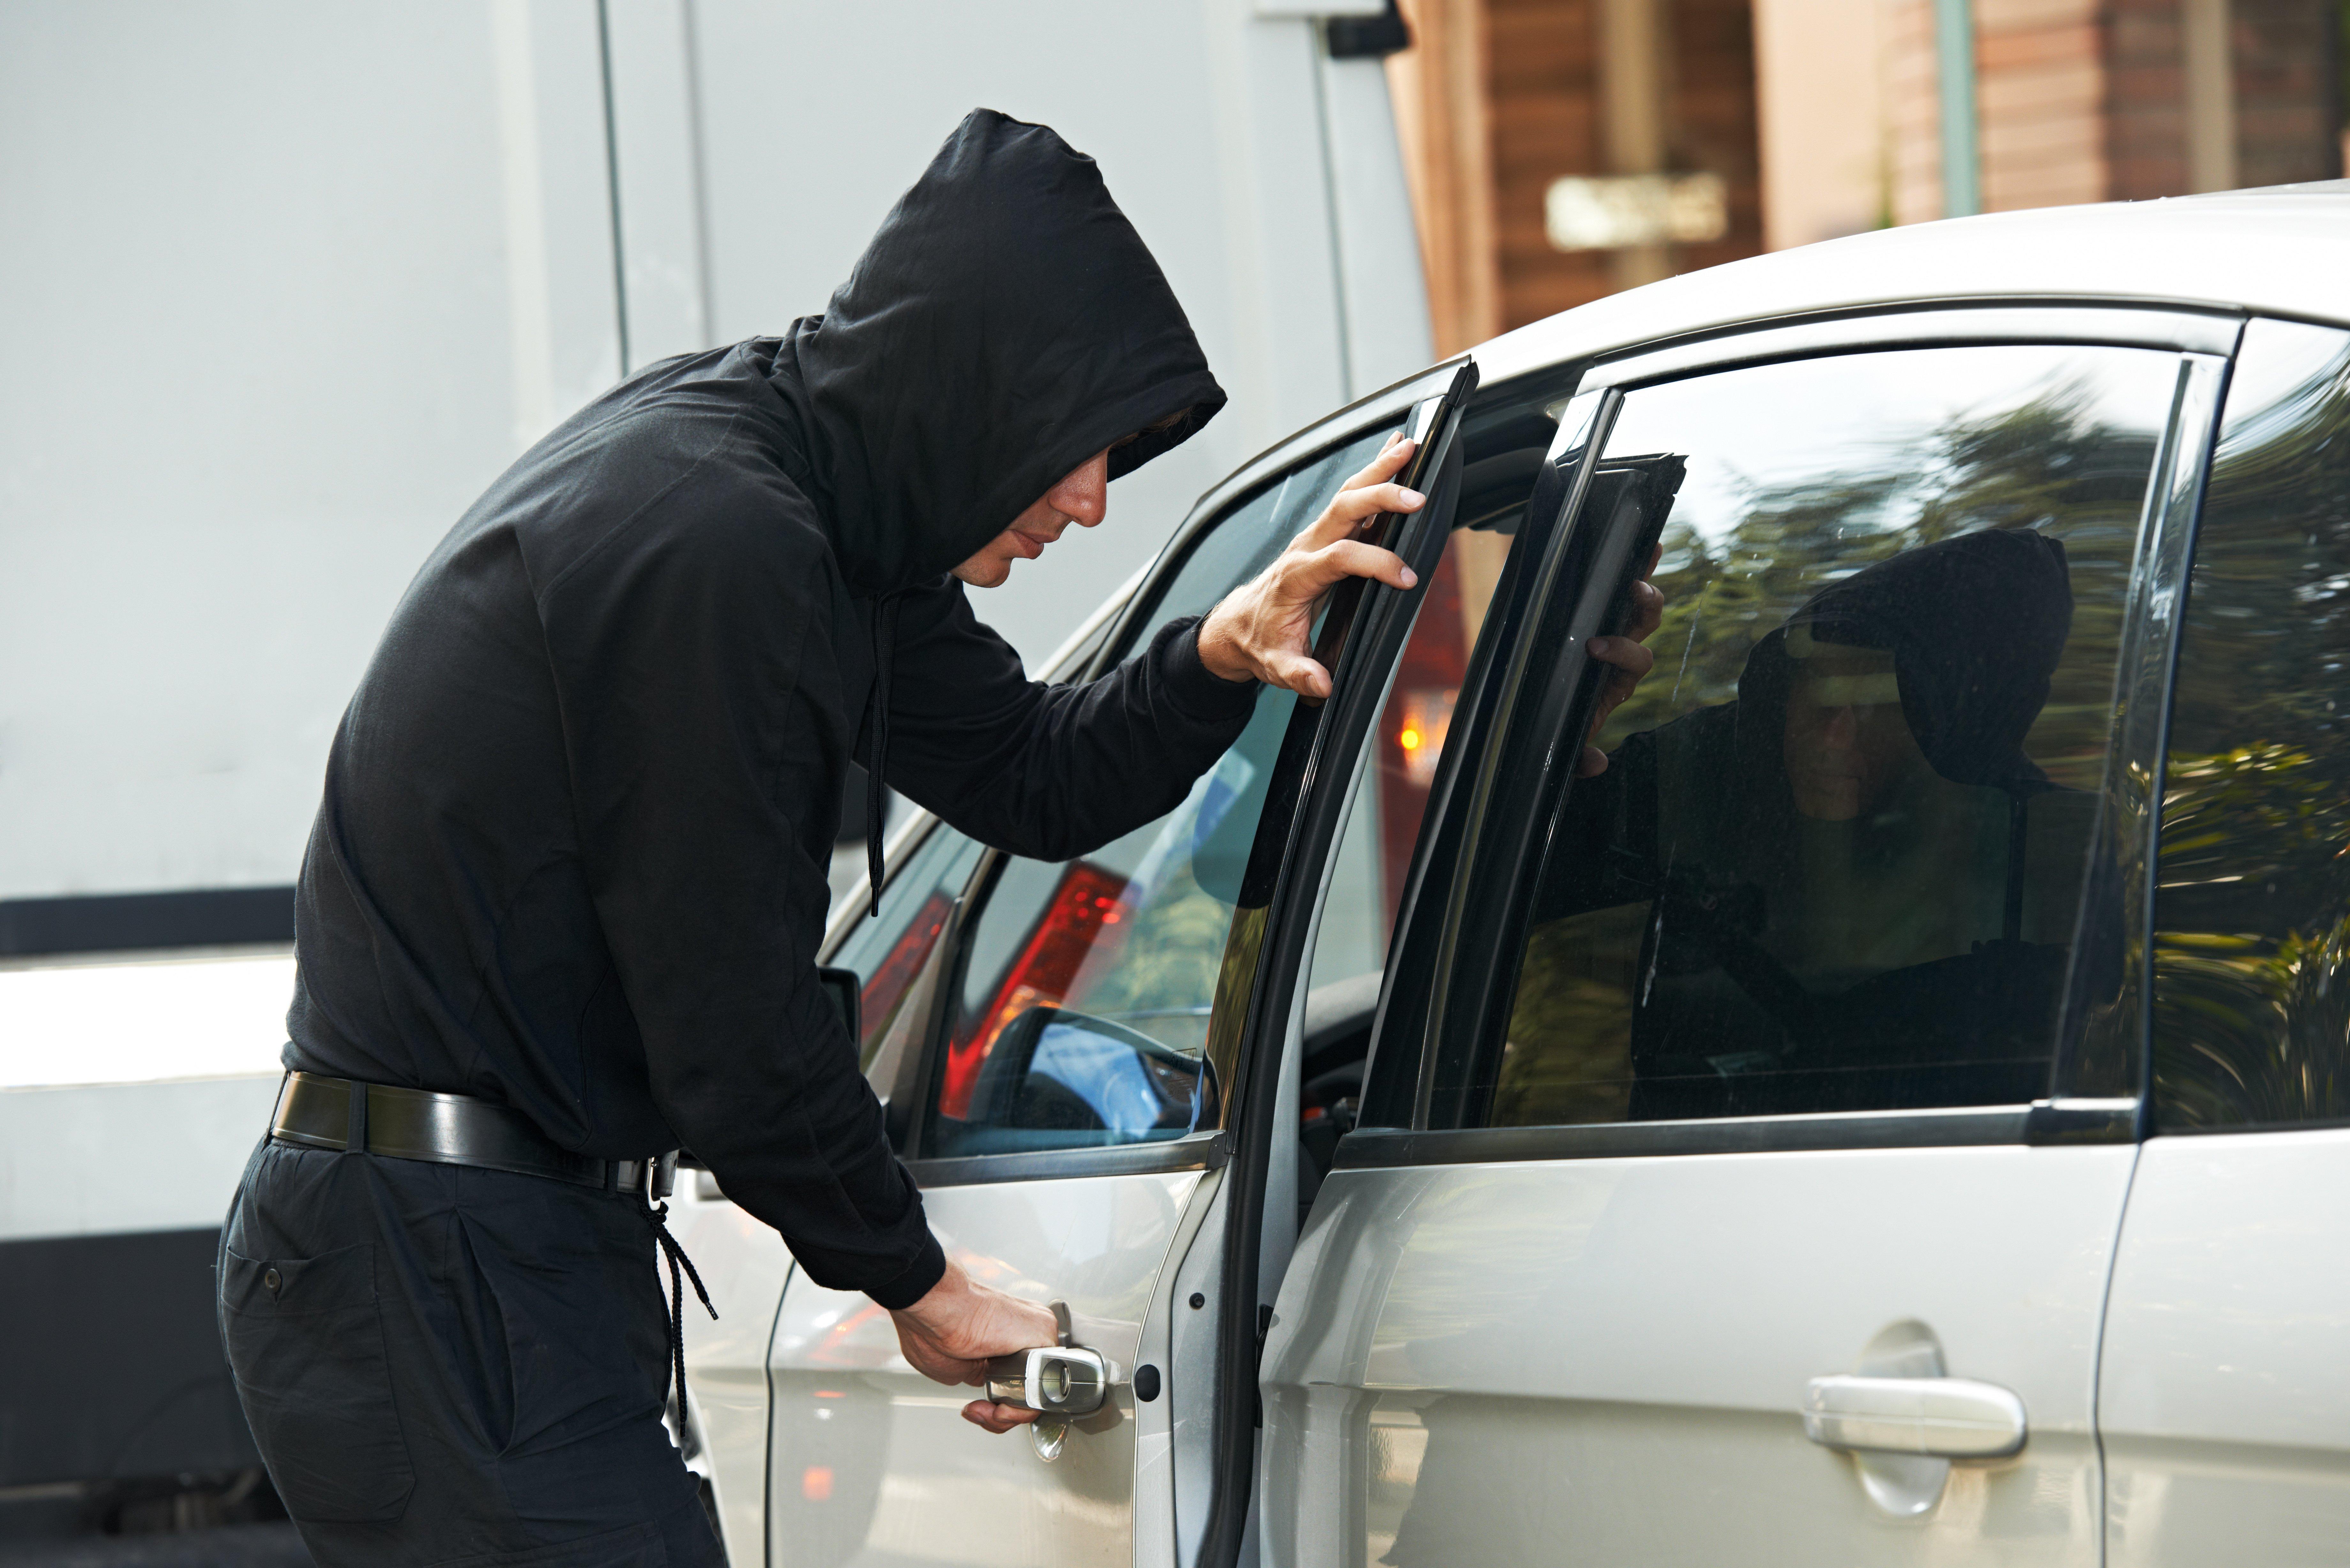 Jak se kradou auta srůznými zabezpečovacími systémy?